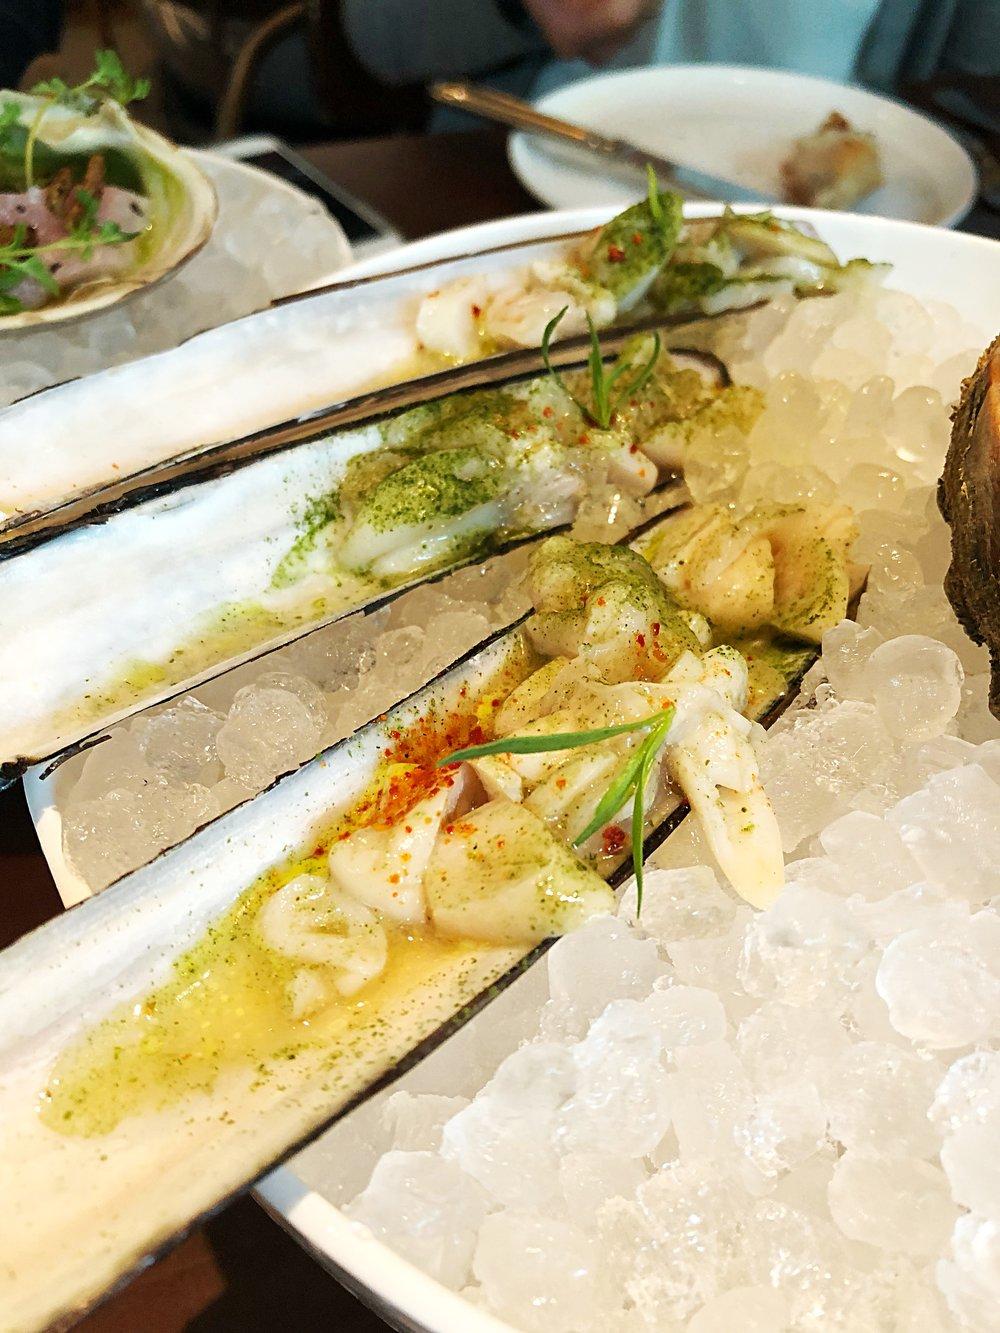 Razor clam, tarragon, saffron